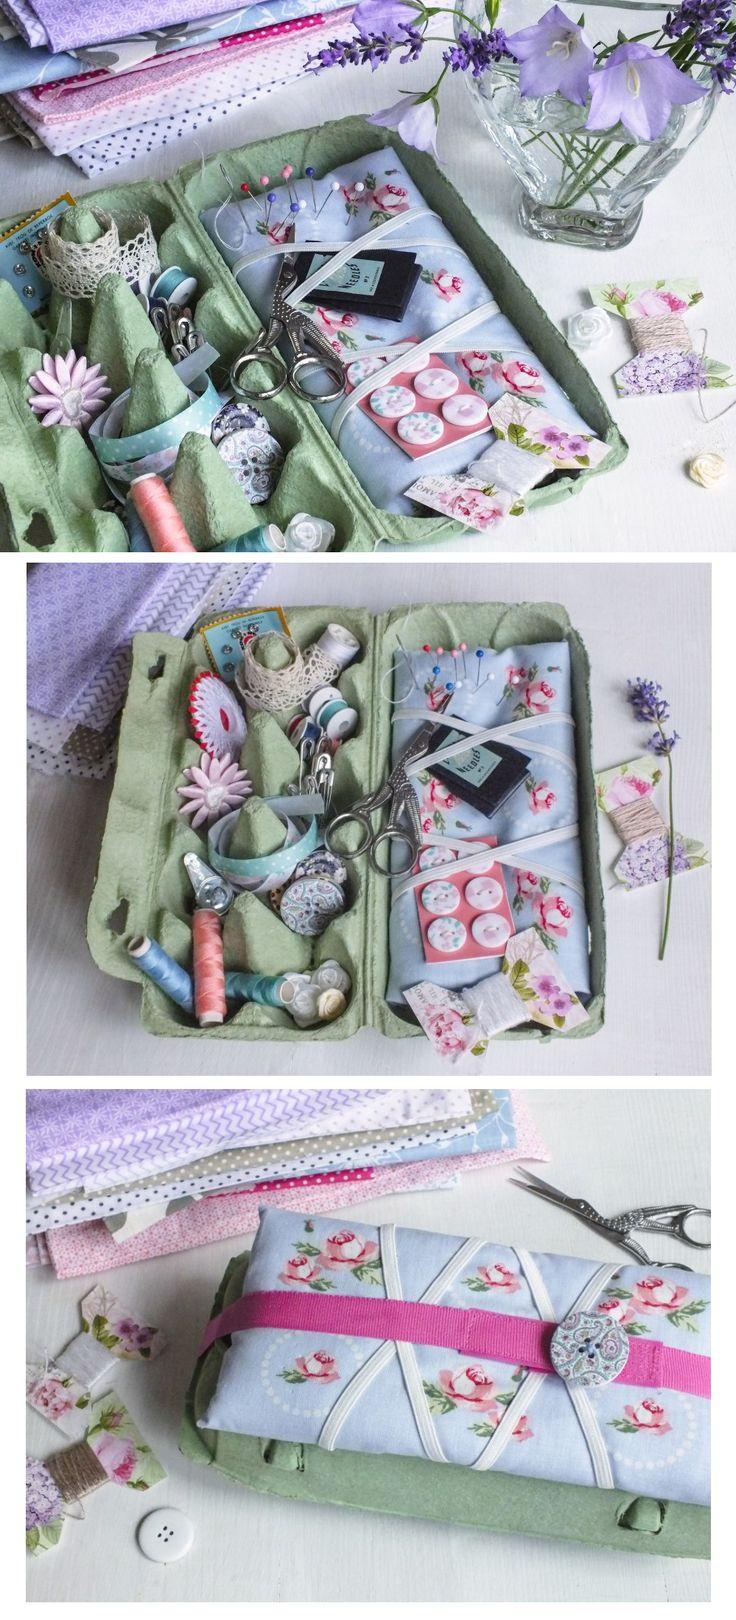 Z obalu na vajíčka jsme vyrobili cestovní šití. Pokud neudělá radost vám, určitě máte ve svém okolí švadlenku, kterou by potěšilo. Návod na výrobu pro vás máme na blogu.